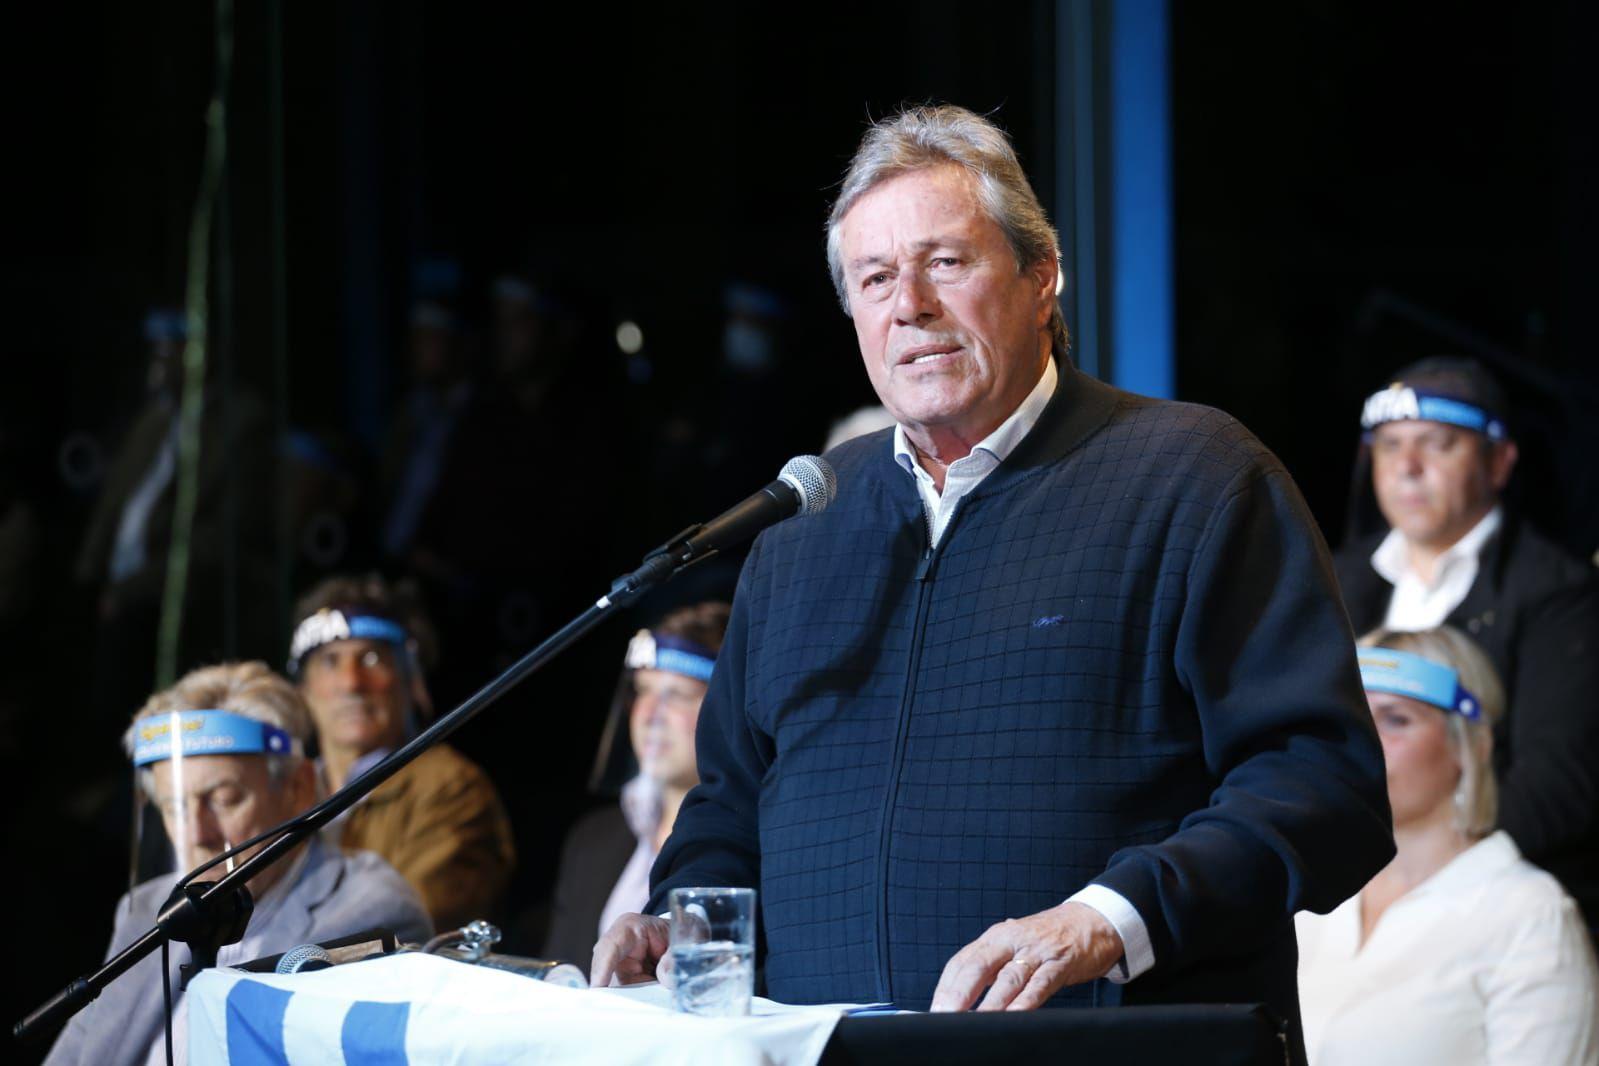 Enrique Antía, jefe del Departamento de Maldonado, Uruguay, en su cierre de campaña (Infobae)